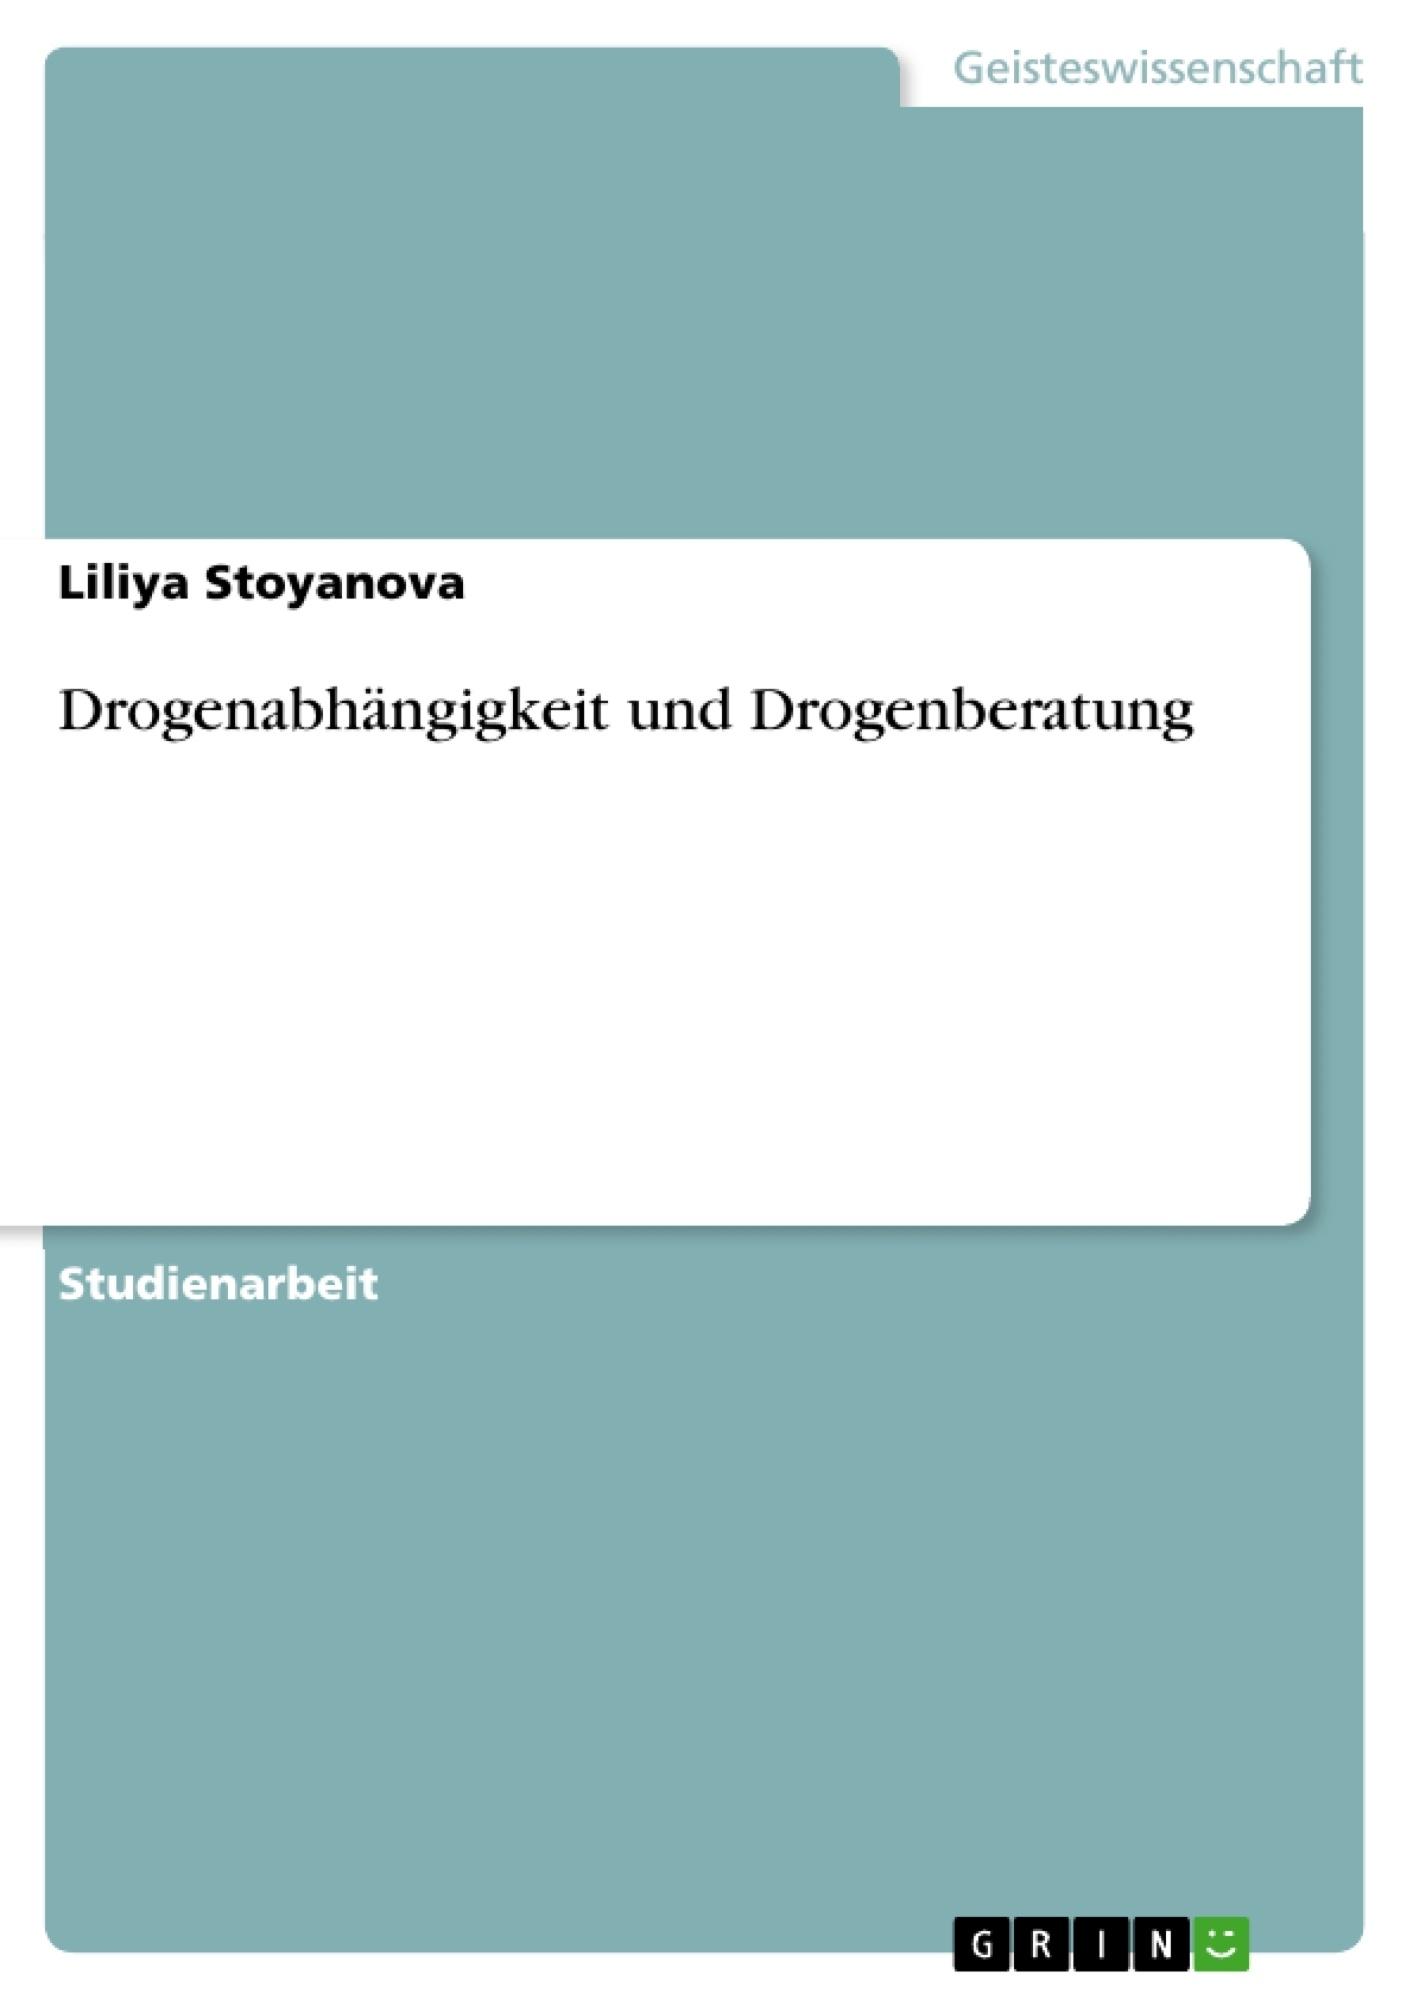 Titel: Drogenabhängigkeit und Drogenberatung